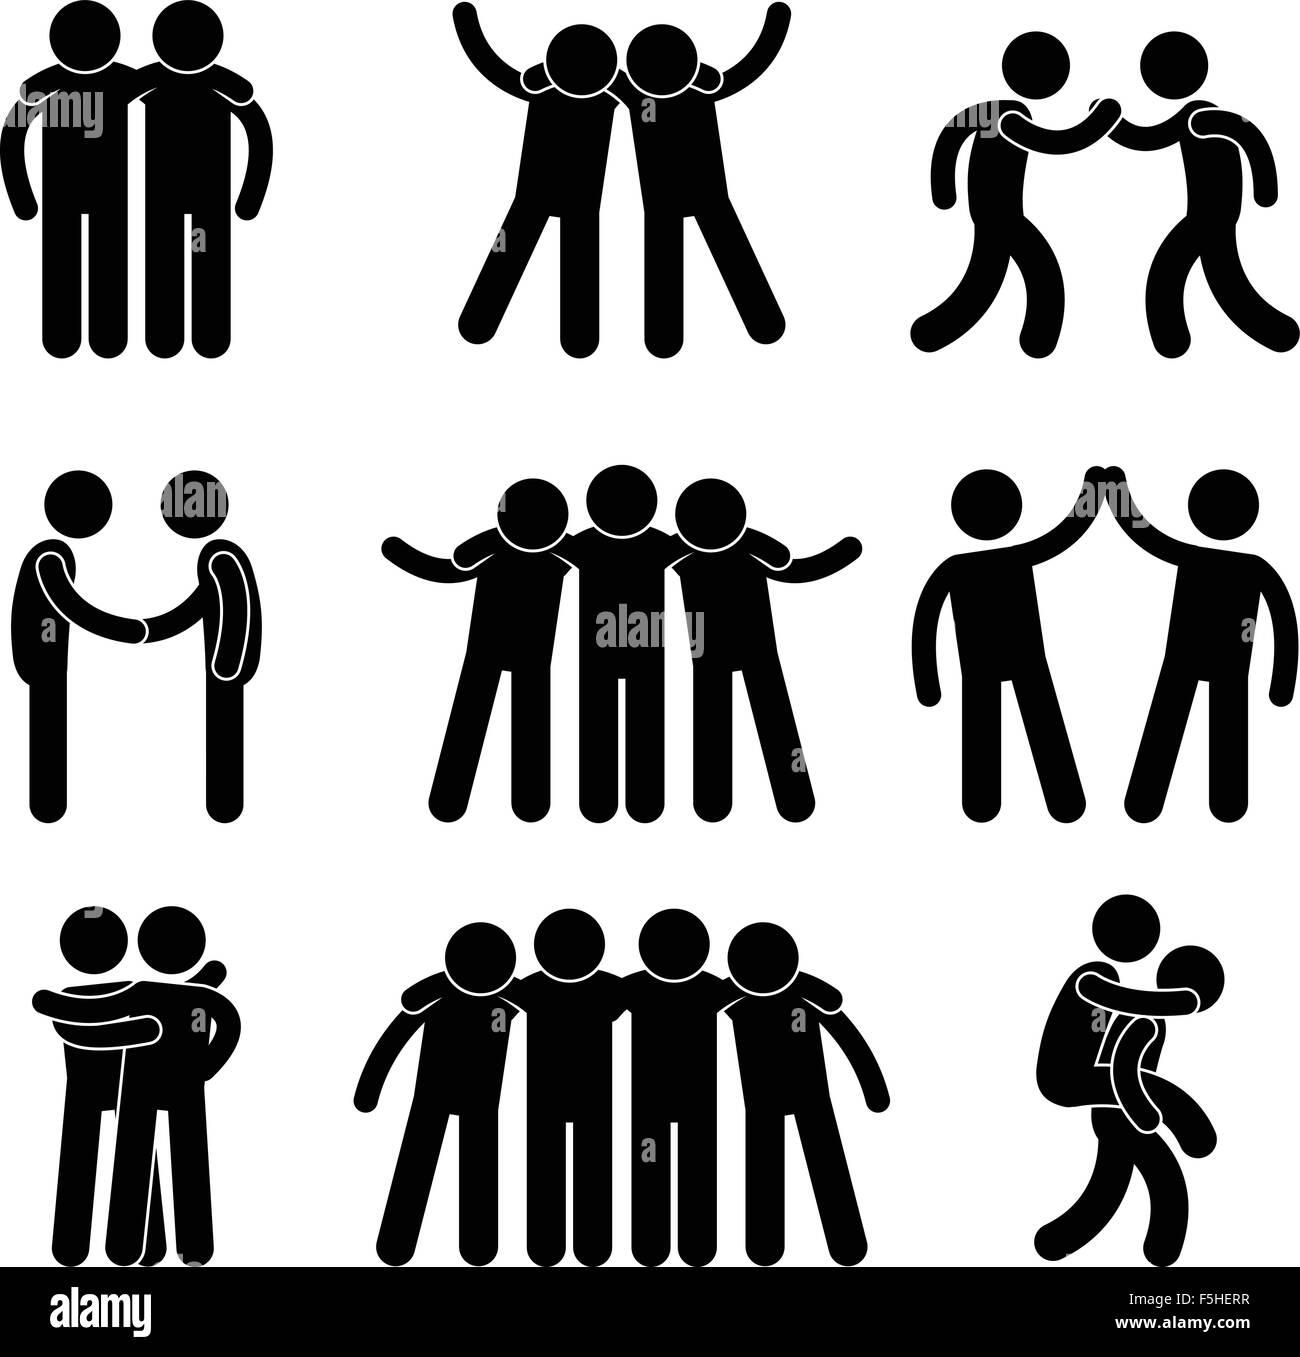 friend friendship relationship teammate teamwork society